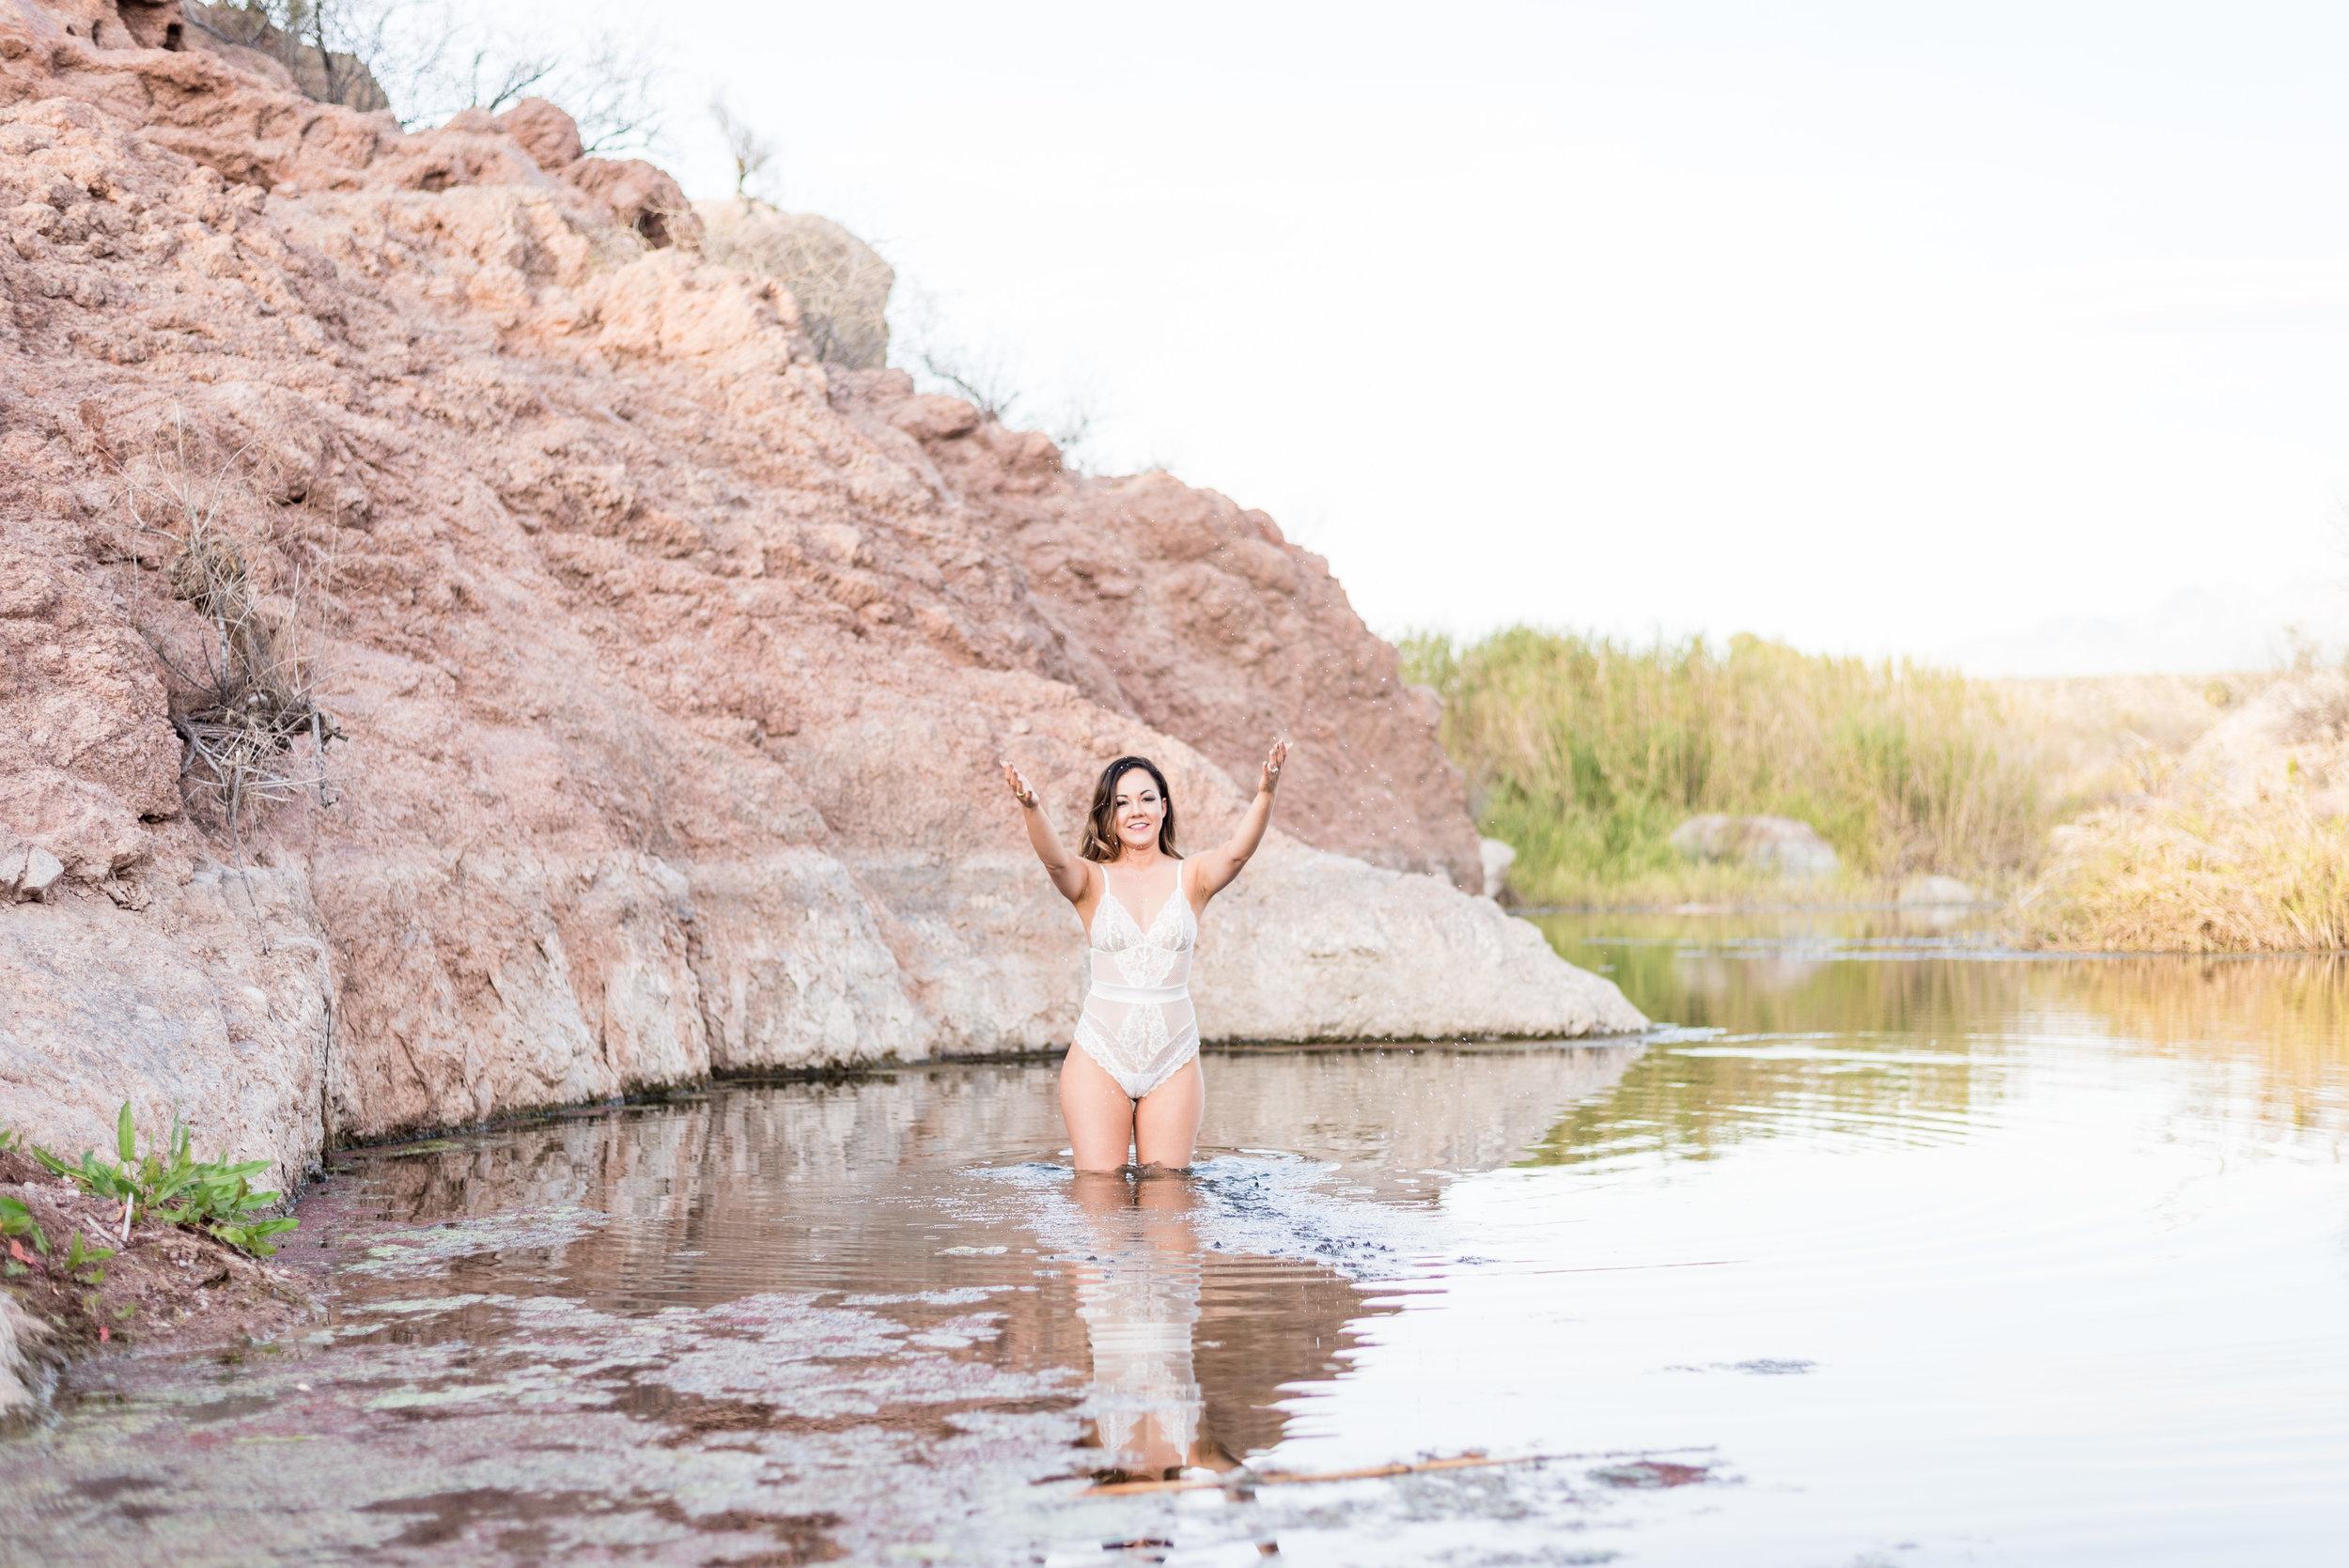 Arizona Boudoir Photographer, Mesa Boudoir Photographer, Boudoir Photography, Boudoir Photographer in Arizona, Scottsdale Boudoir Photographer. Outdoor Boudoir,